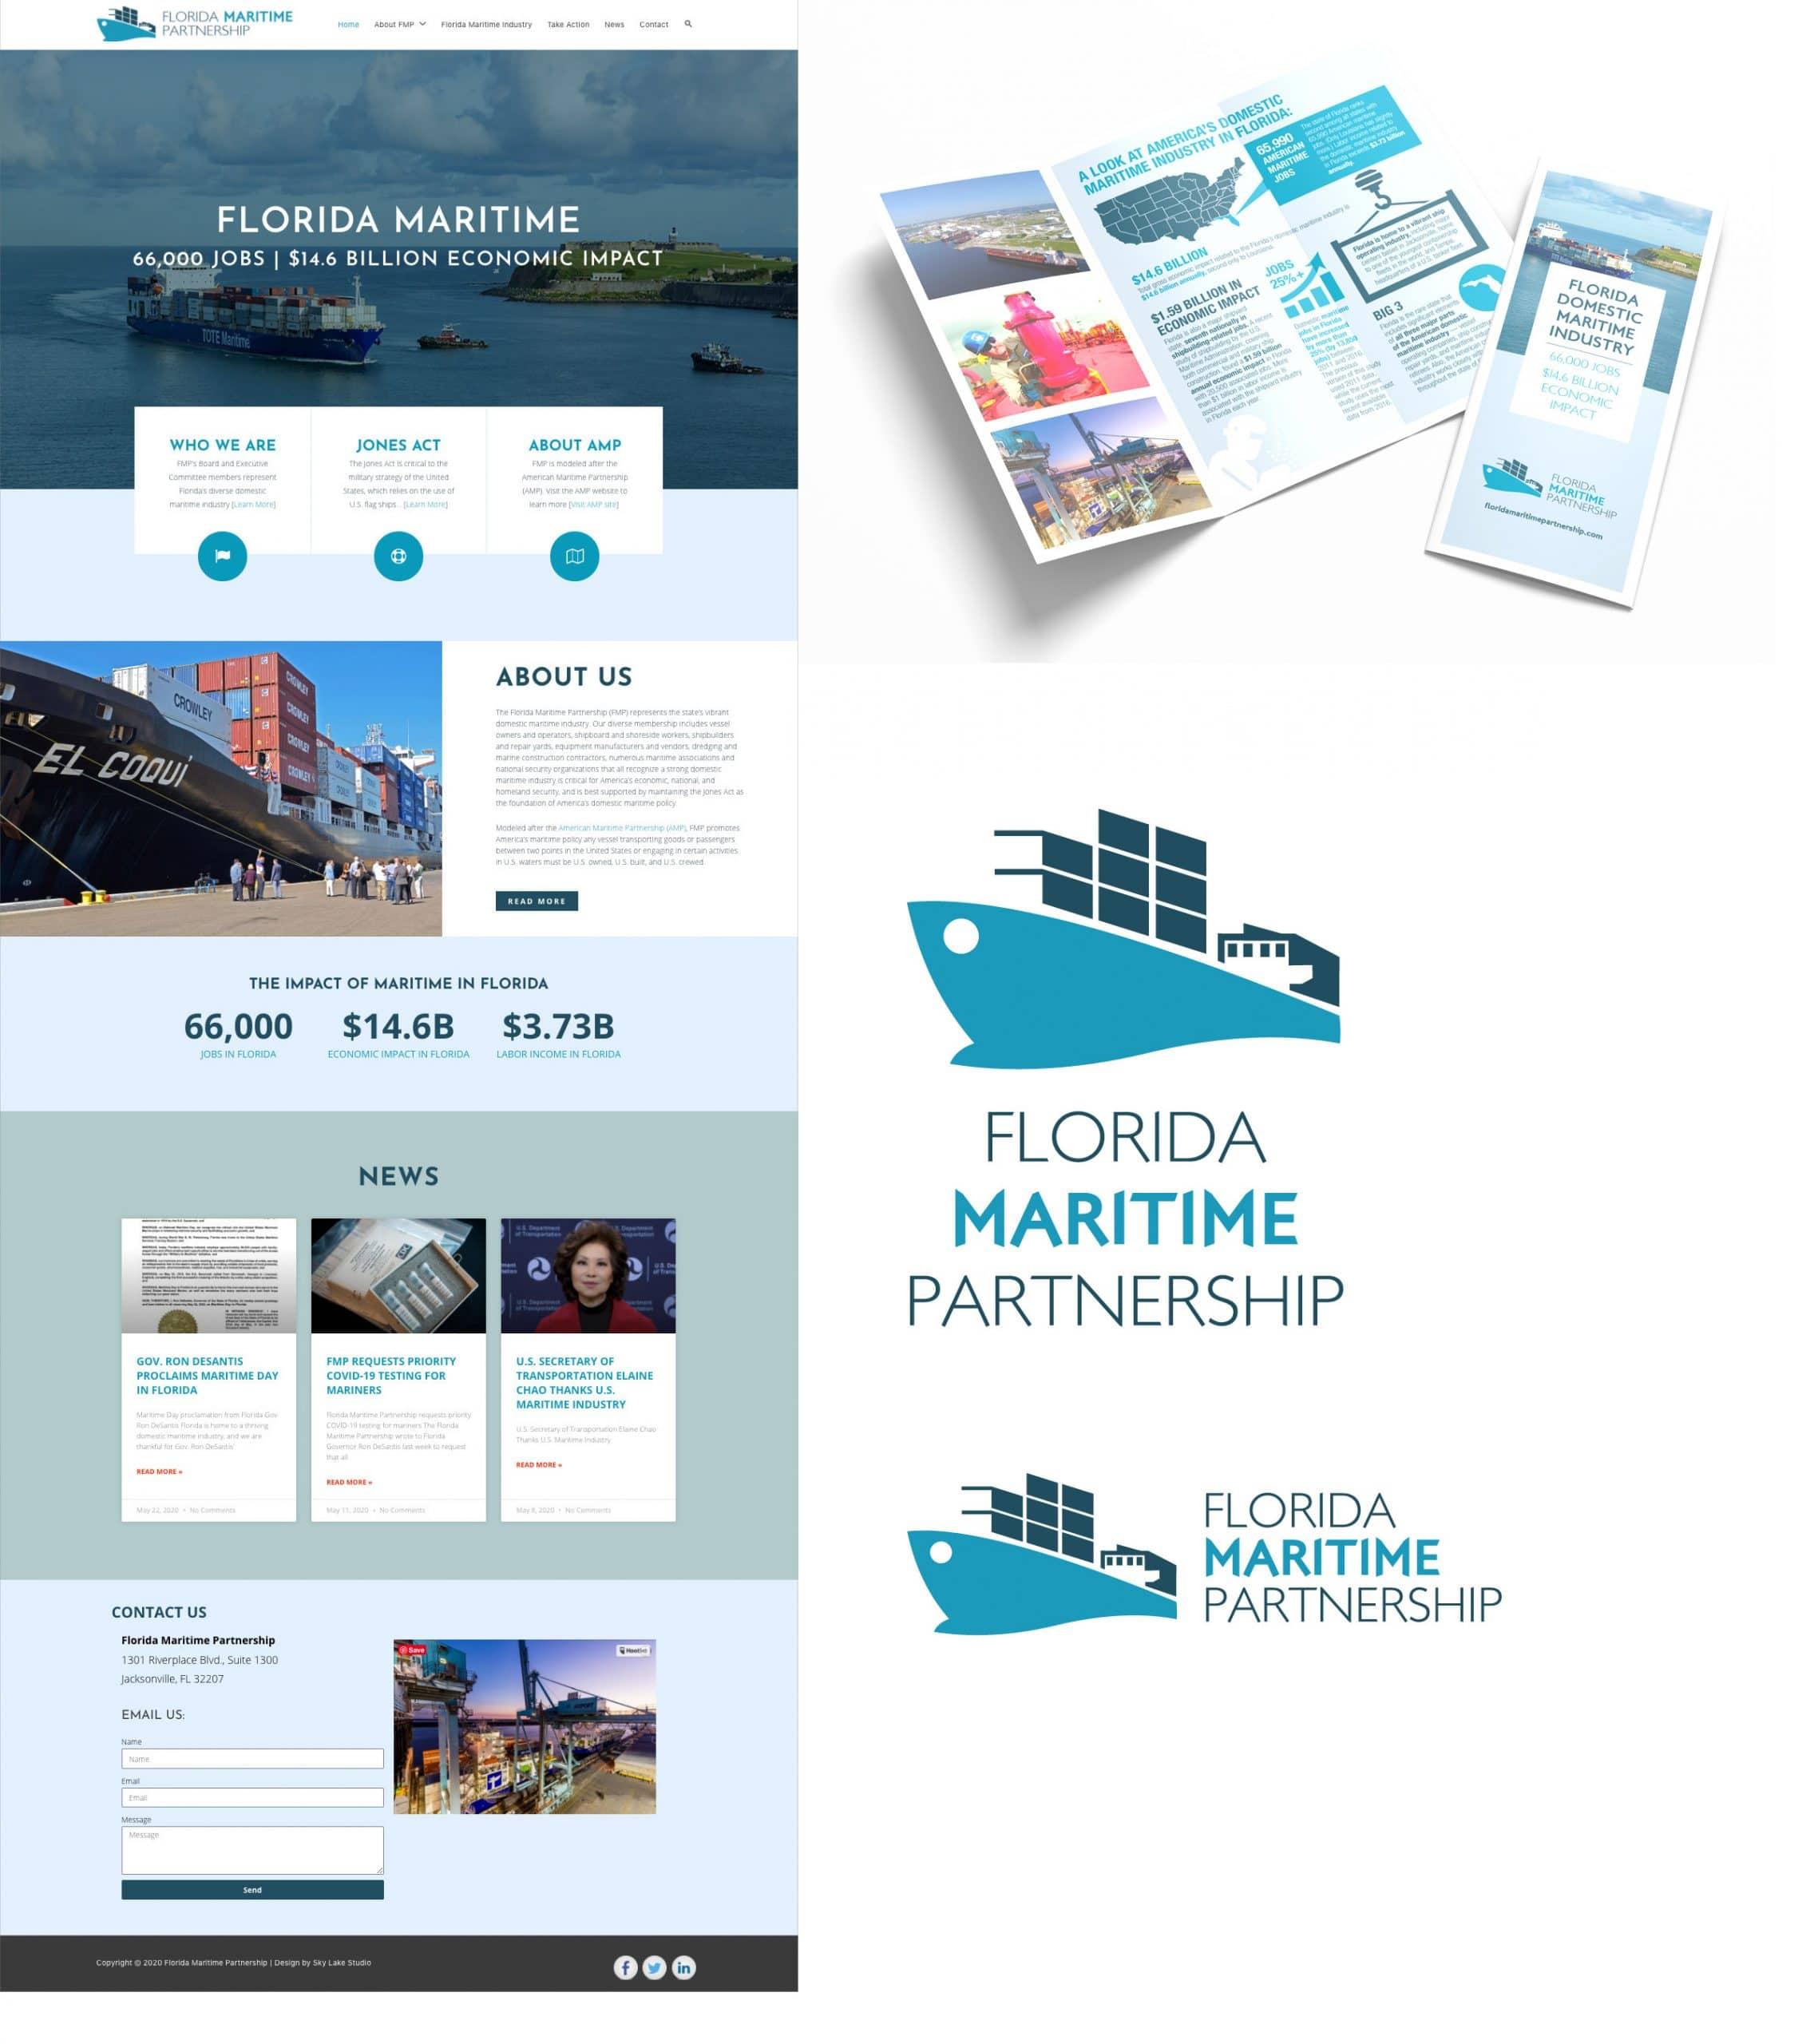 Florida Maritime Partnership design work